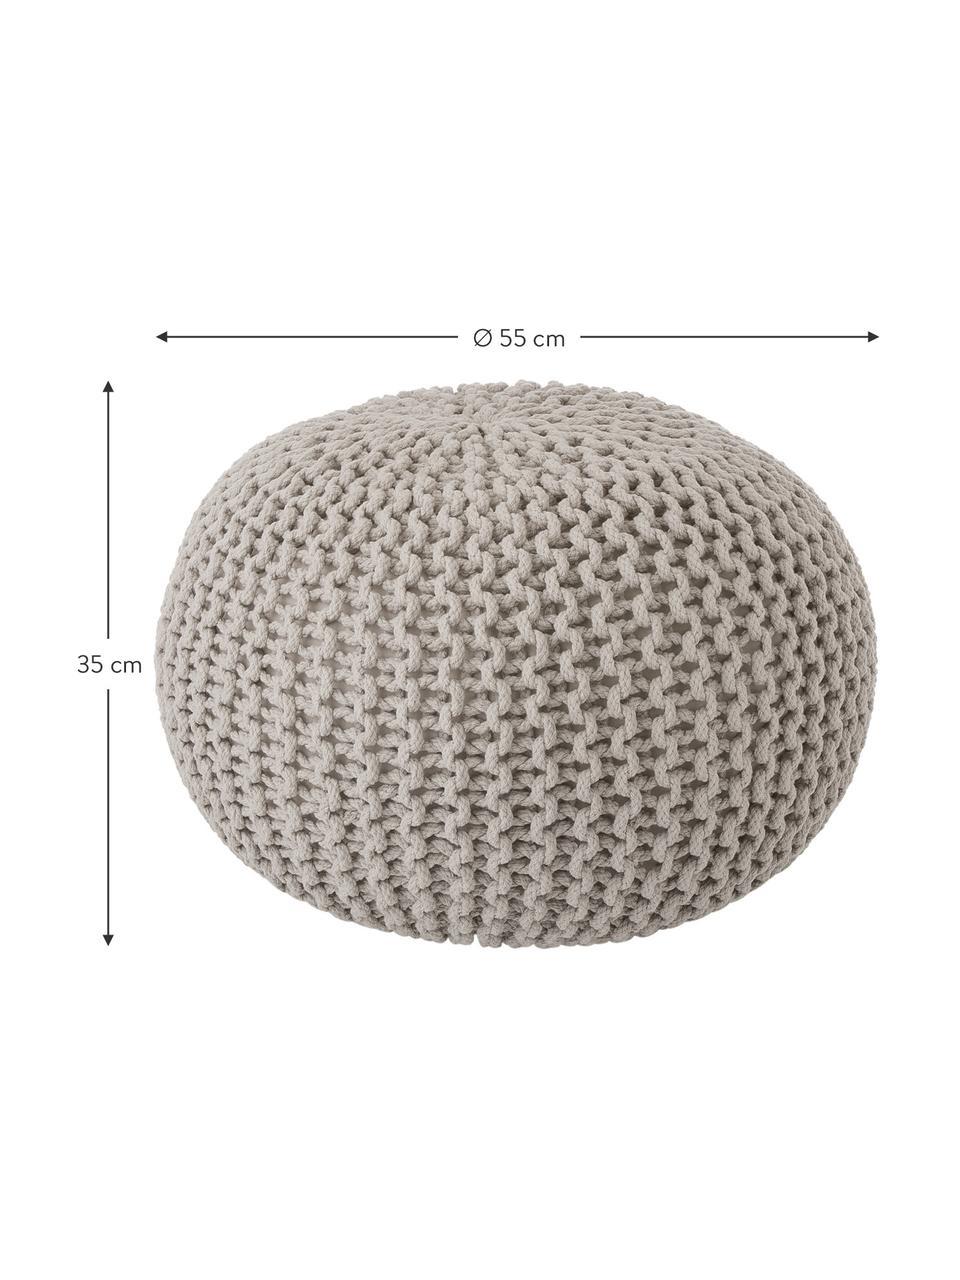 Pouf in maglia fatto a mano Dori, Rivestimento: 100% cotone, Taupe, Ø 55 x Alt. 35 cm